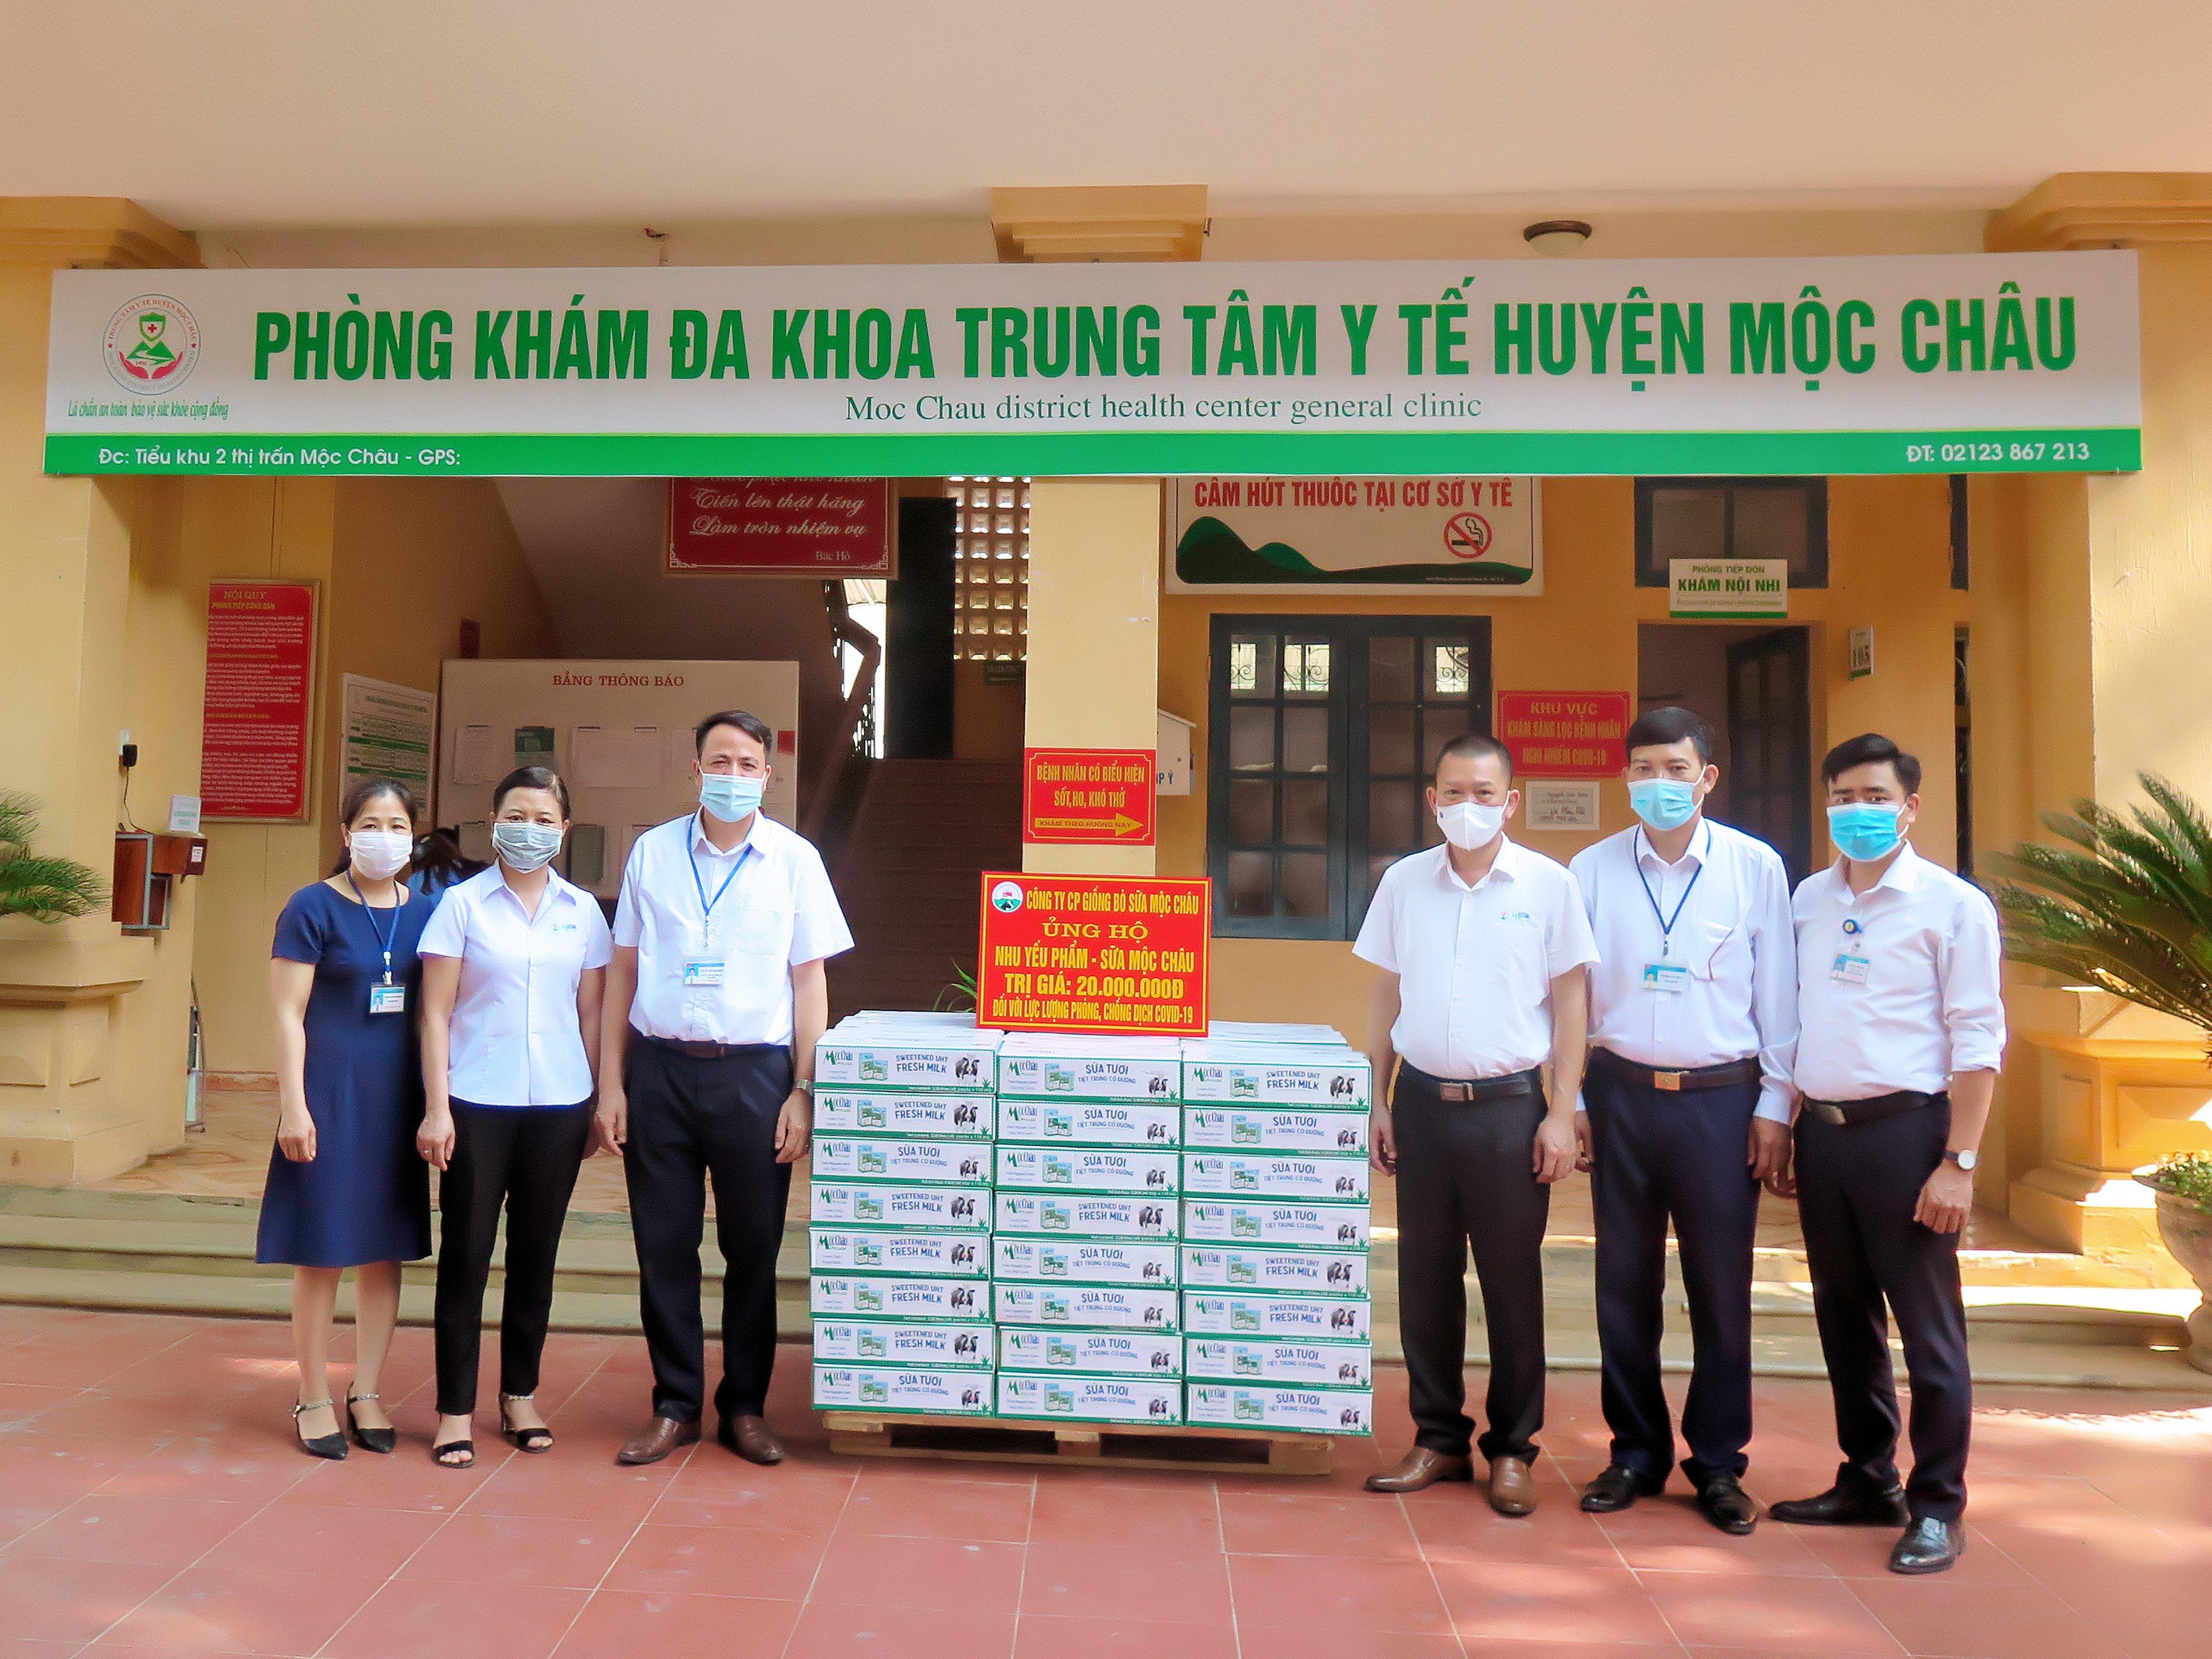 Mộc Châu Milk hỗ trợ hơn 50.000 sản phẩm sữa cho lực lượng tuyến đầu và người dân nơi tâm dịch Covid-19 3